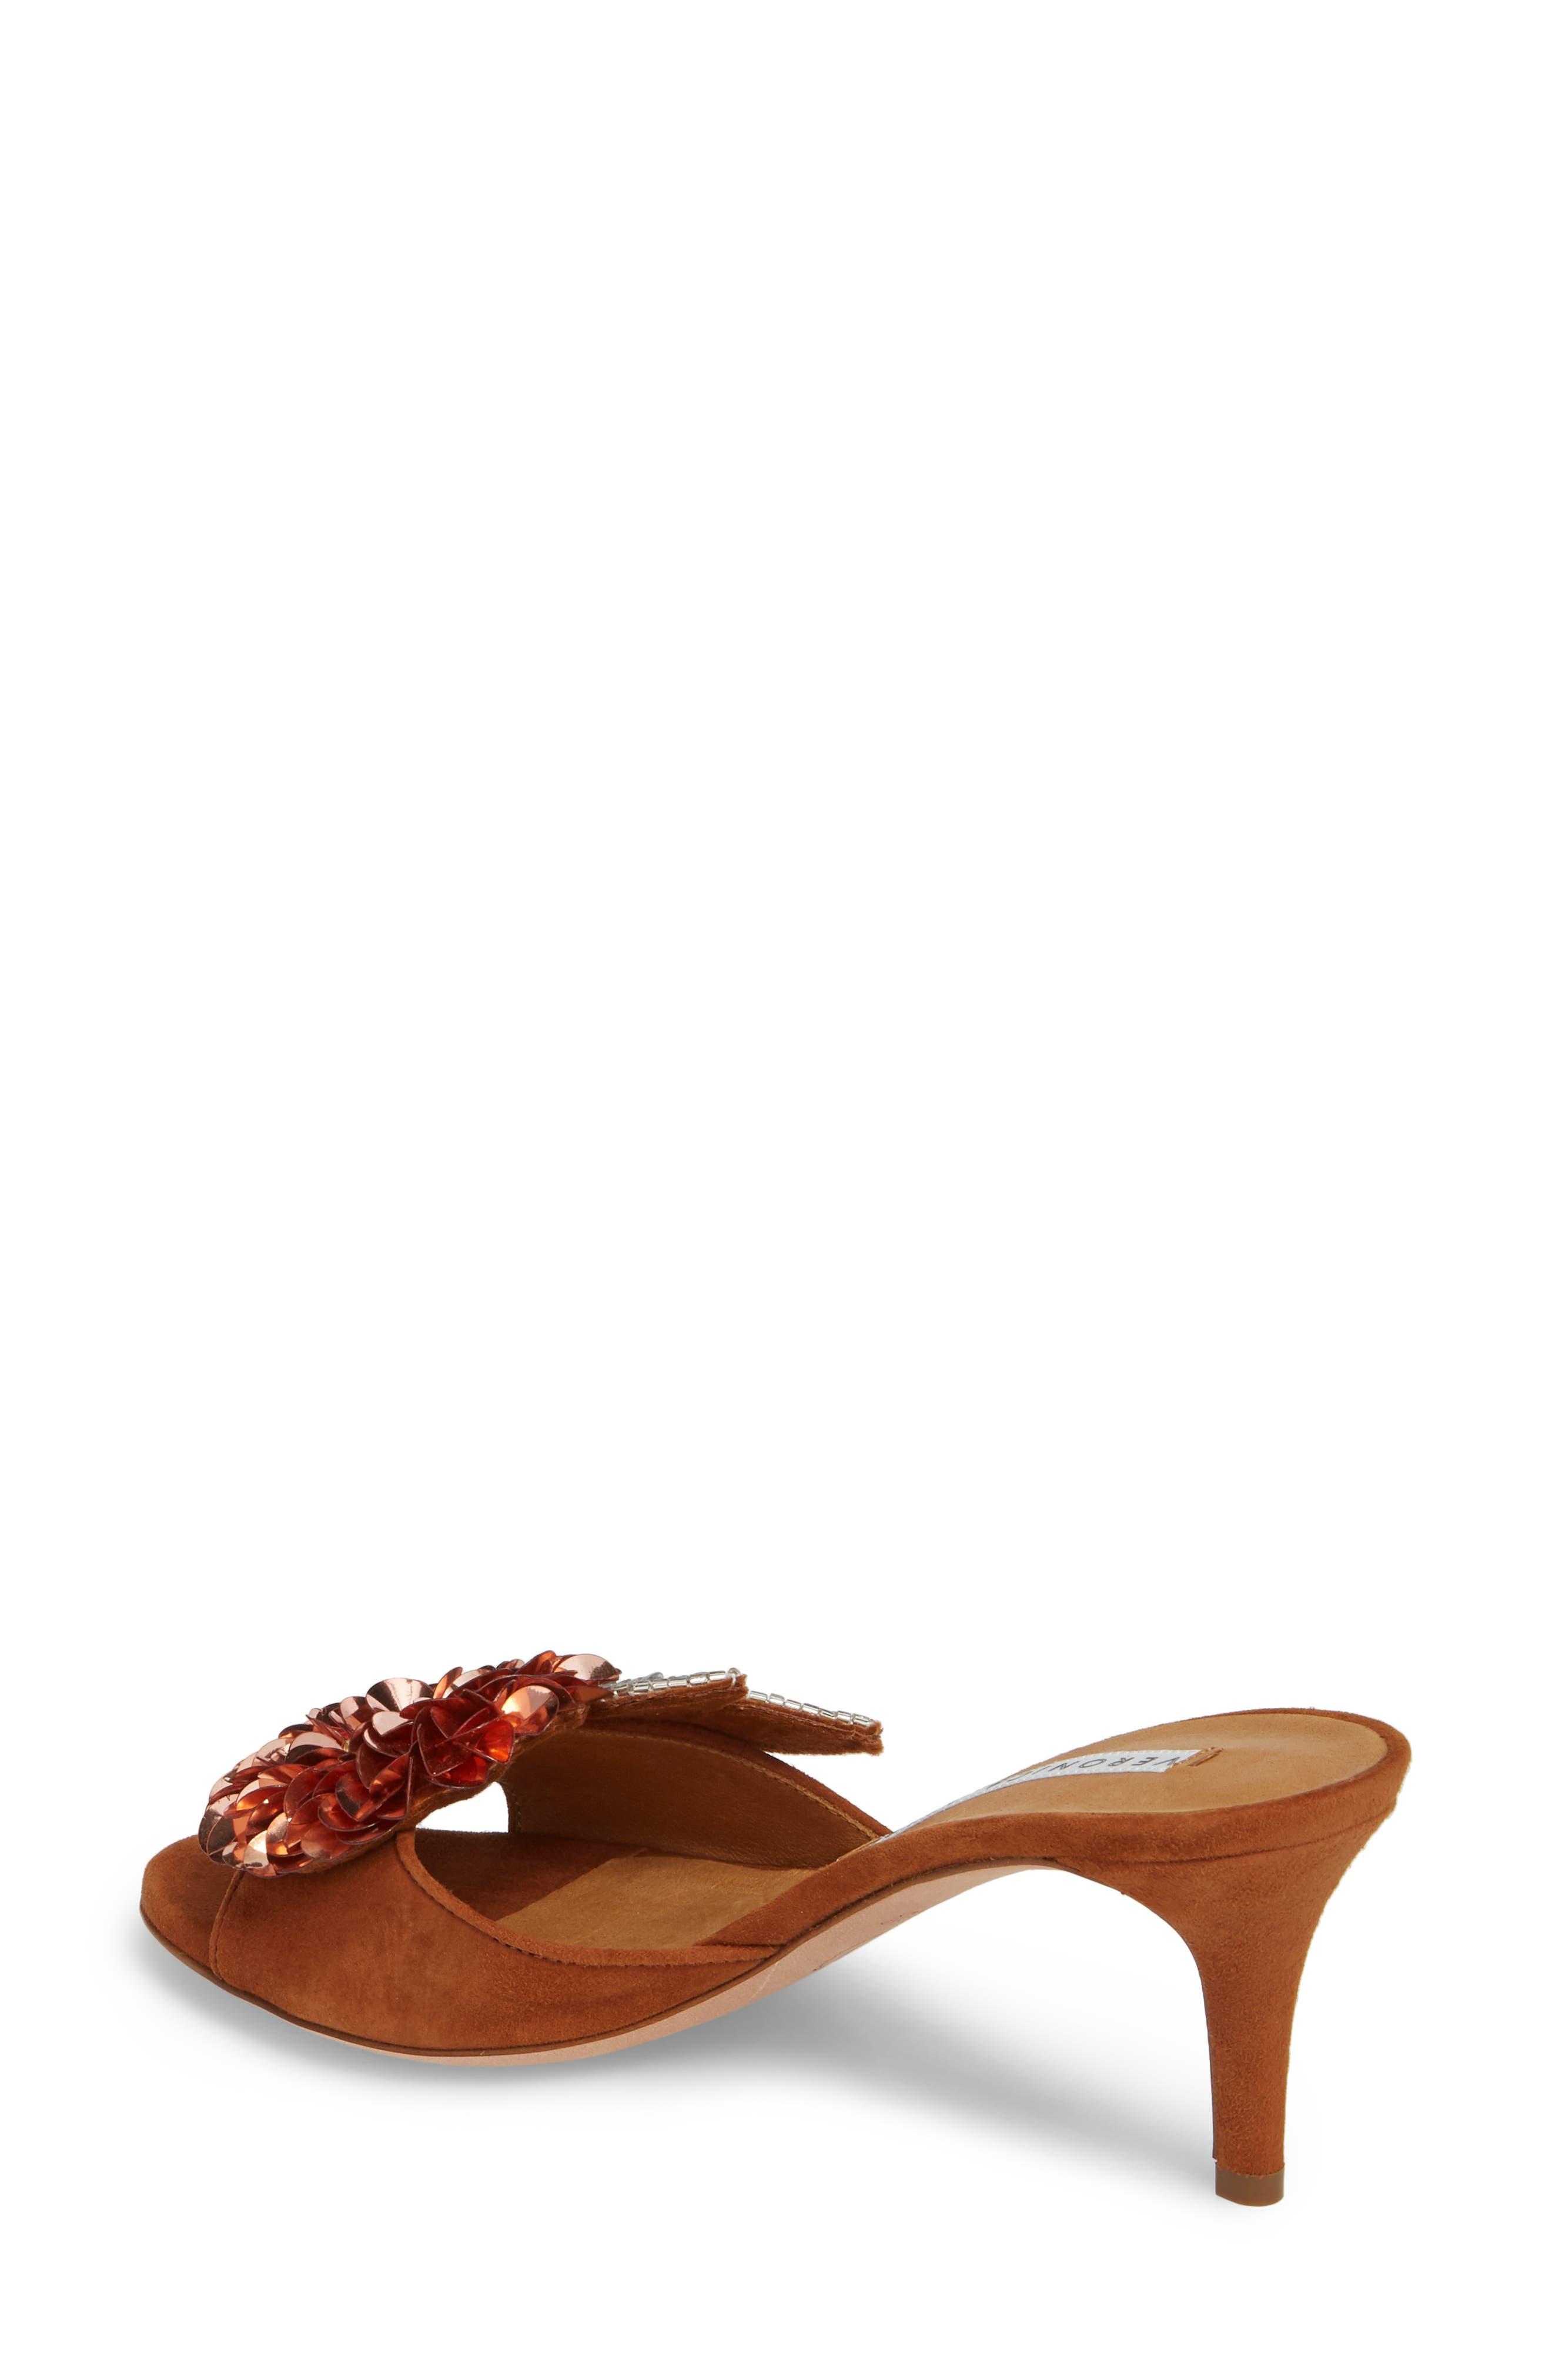 Nev Embellished Slide Sandal,                             Alternate thumbnail 2, color,                             210